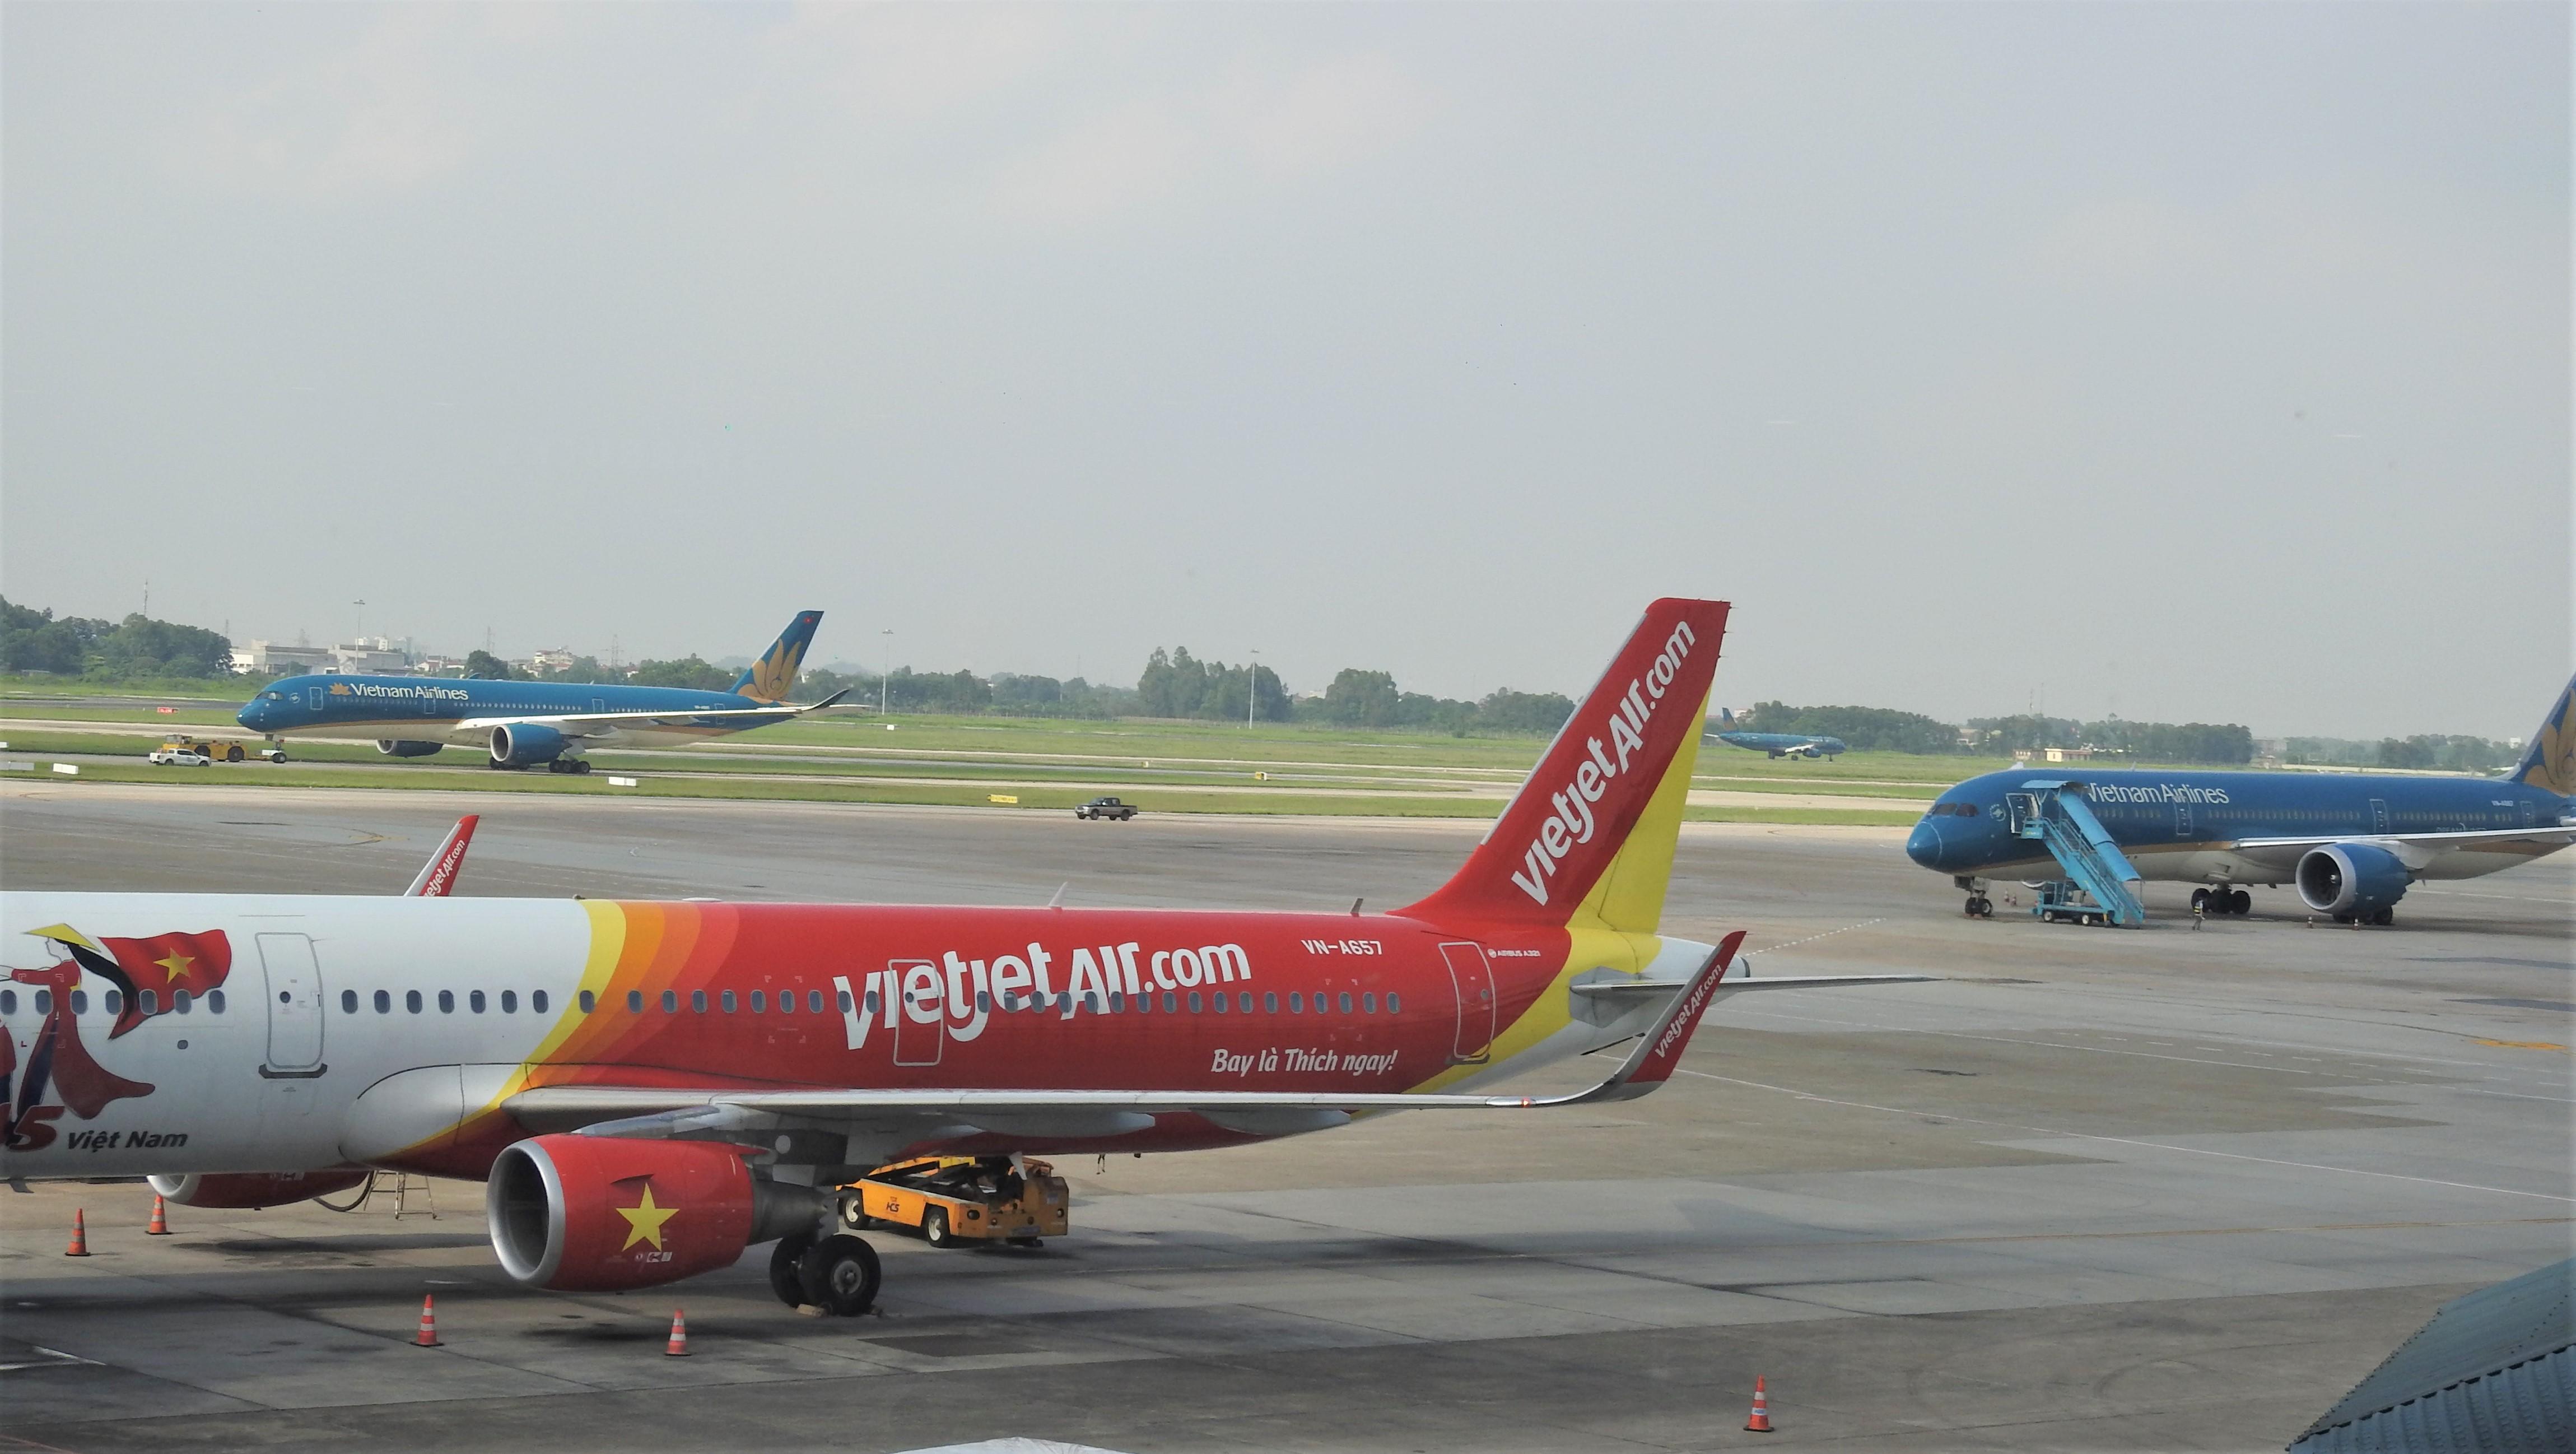 Nhiều biến động lớn trong ngành hàng không hai tháng đầu năm - Ảnh 1.